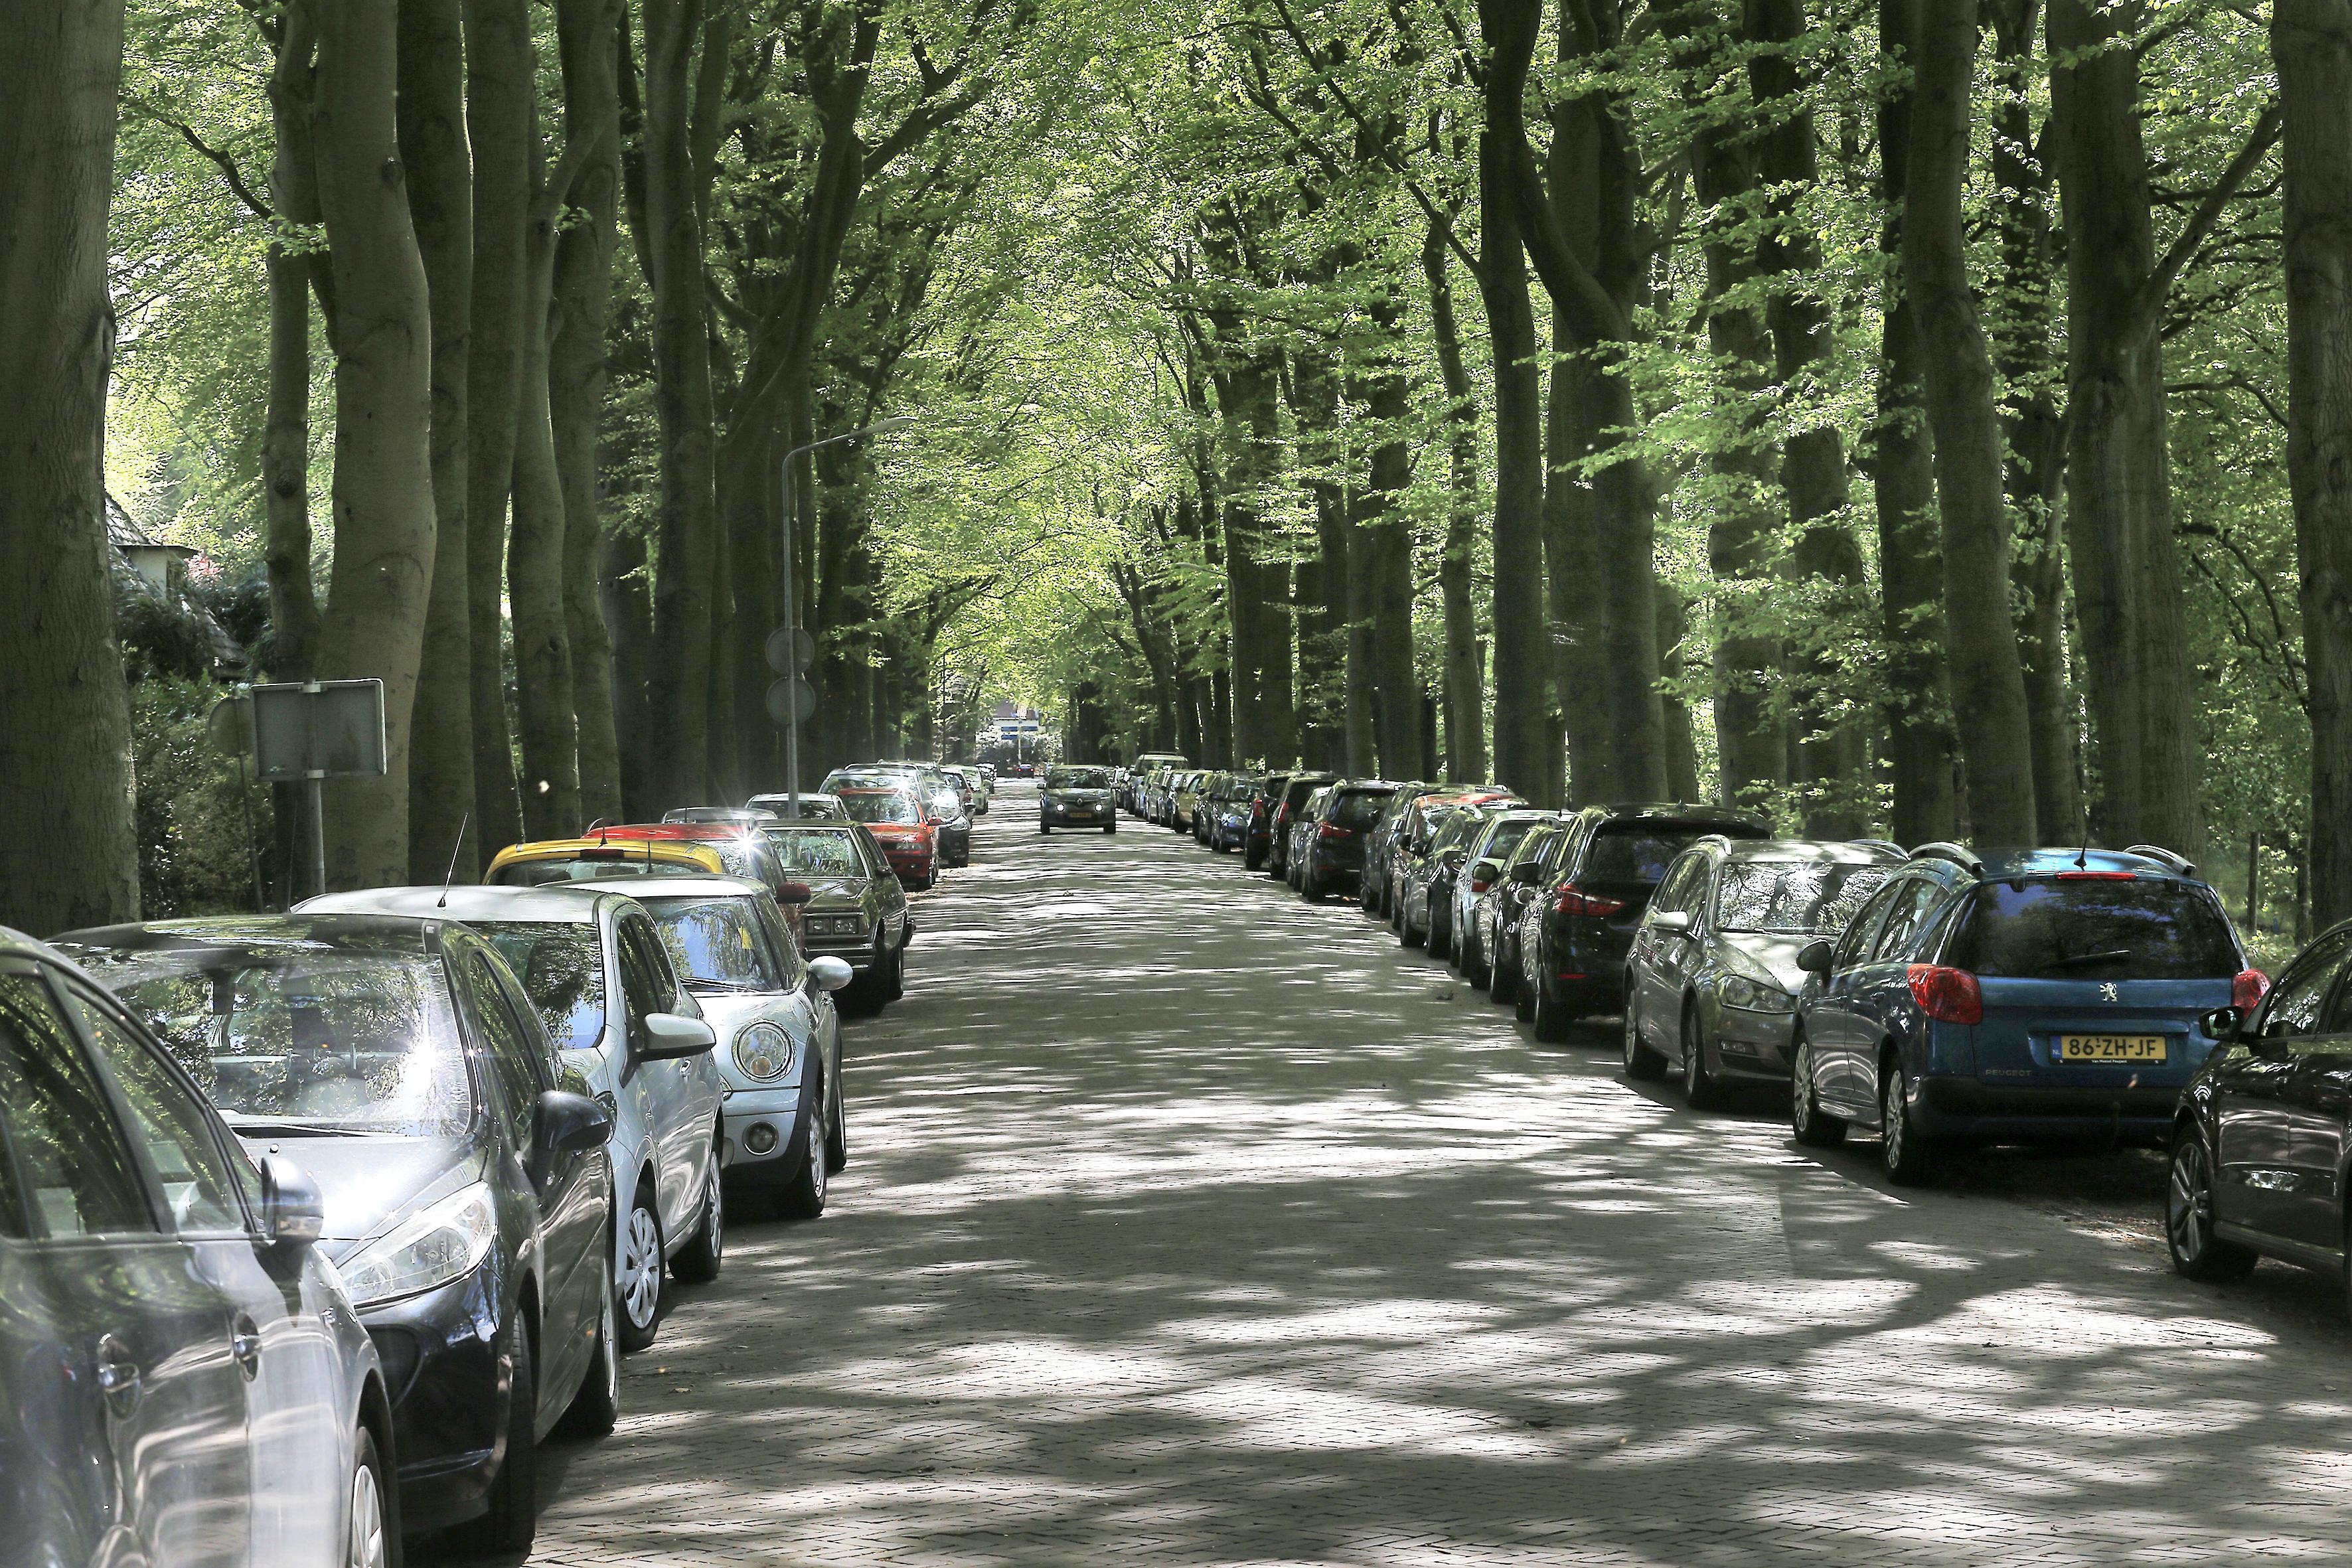 Massaal protest tegen parkeren in bos Speelpark Oud Valkeveen: 'Ze groeien uit hun jas'